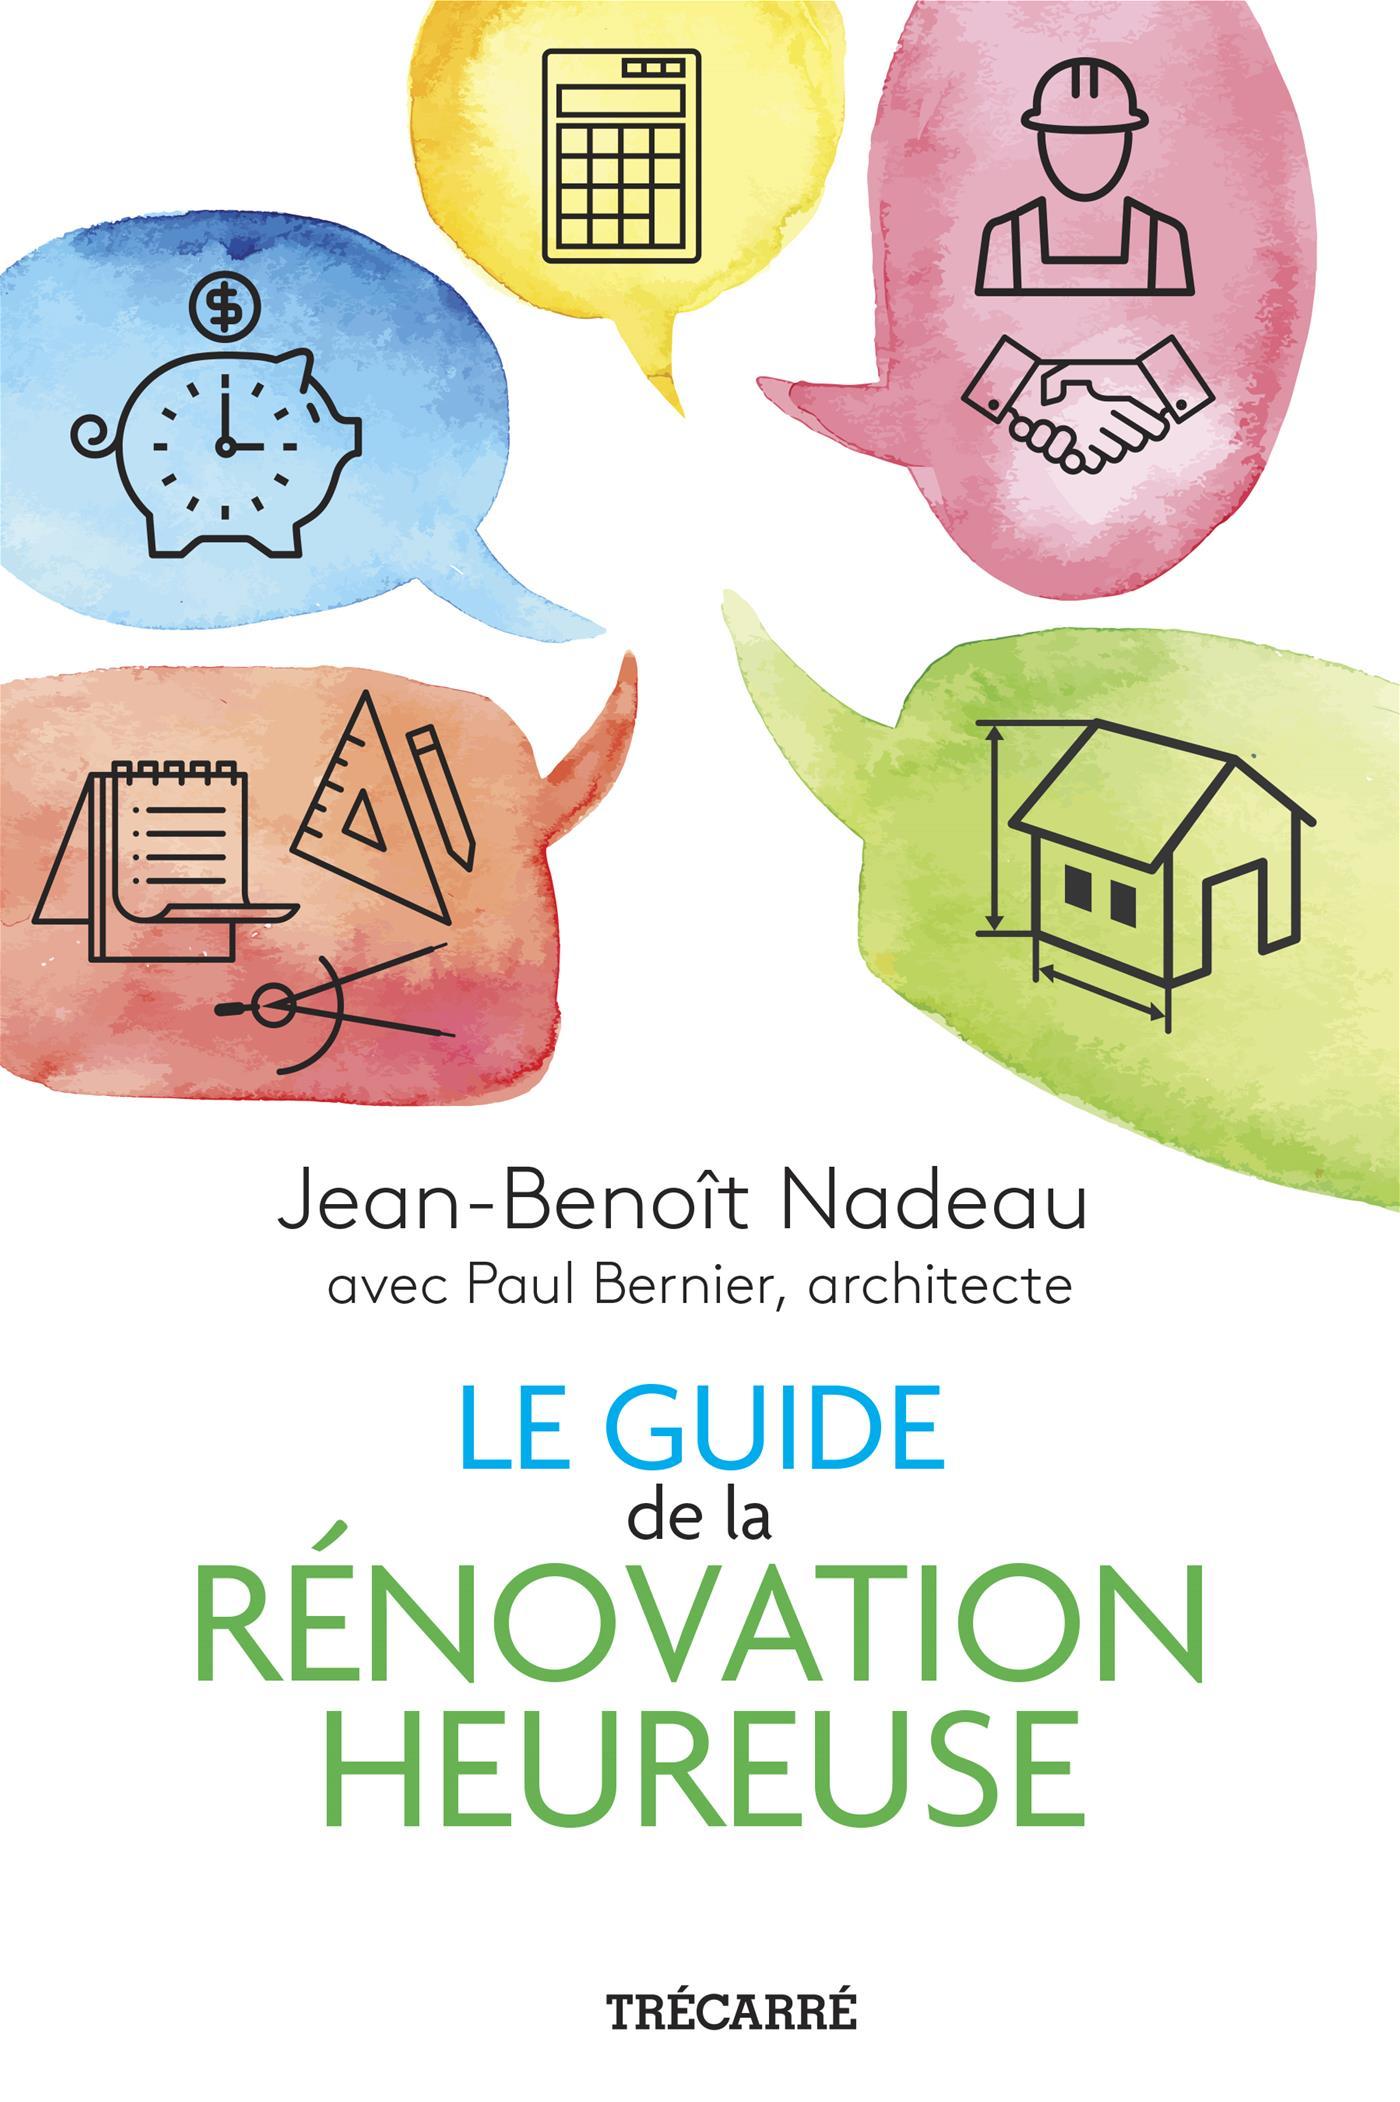 Le Guide de la rénovation heureuse